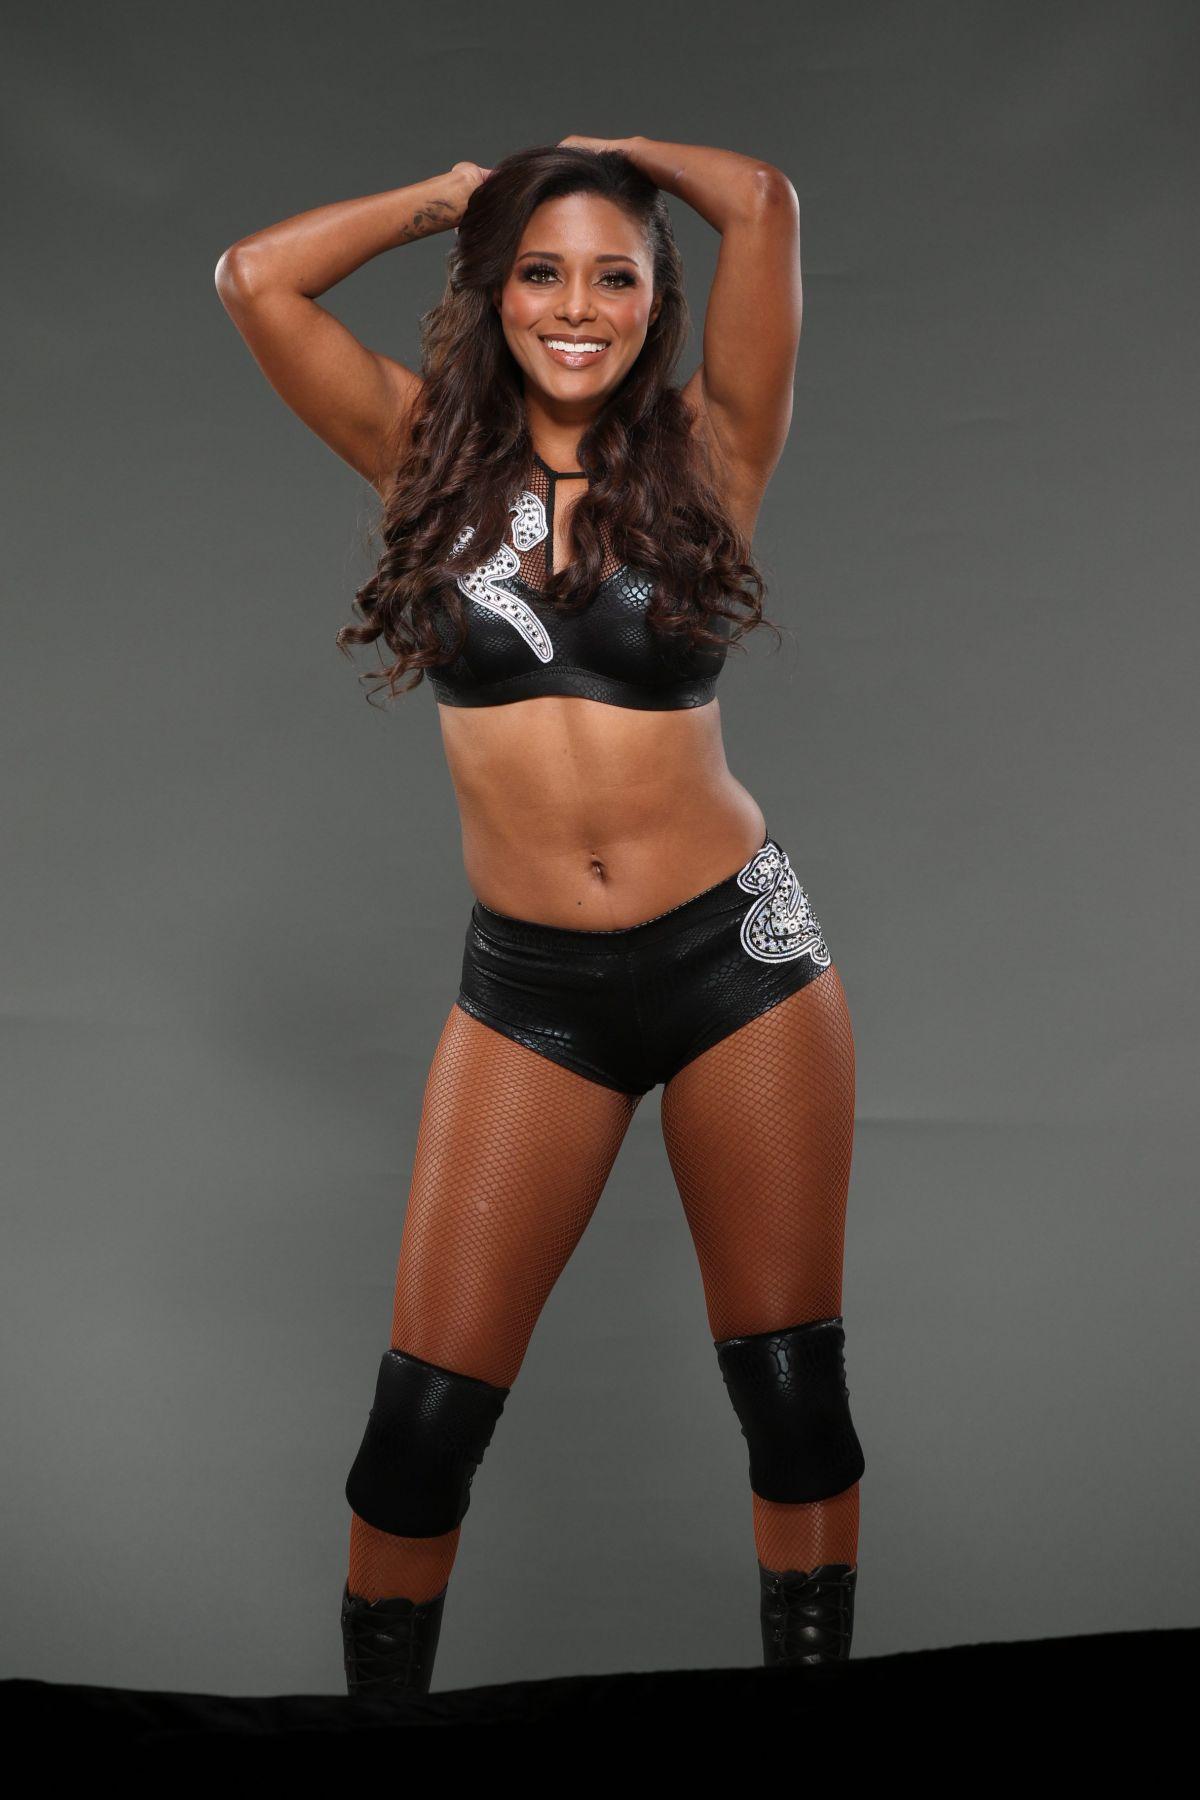 WWE - Brandi Rhodes